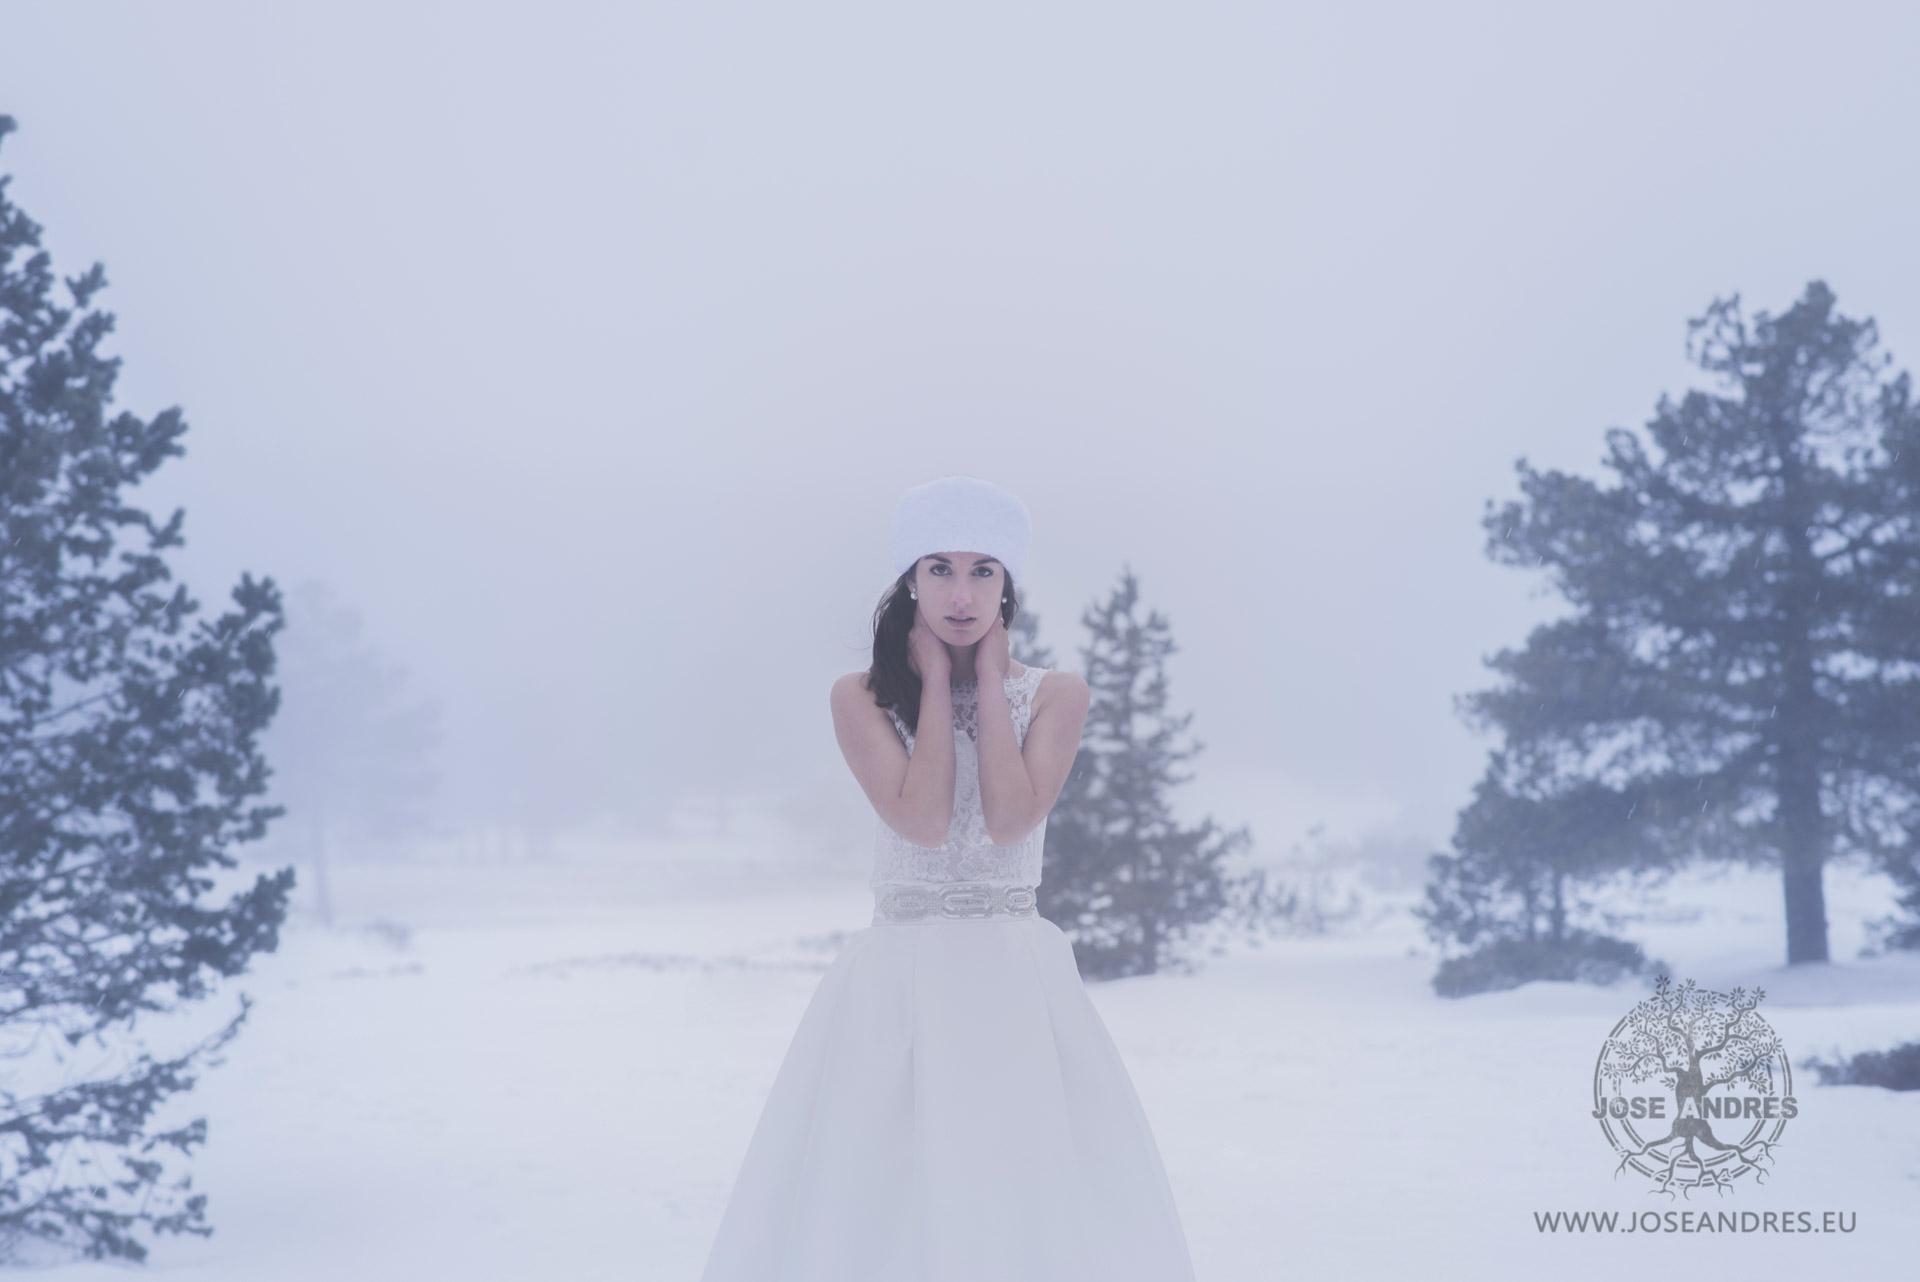 novia en la nieve, boda diferente, boda nevando, Postboda en la nieve #NoviasPronovias